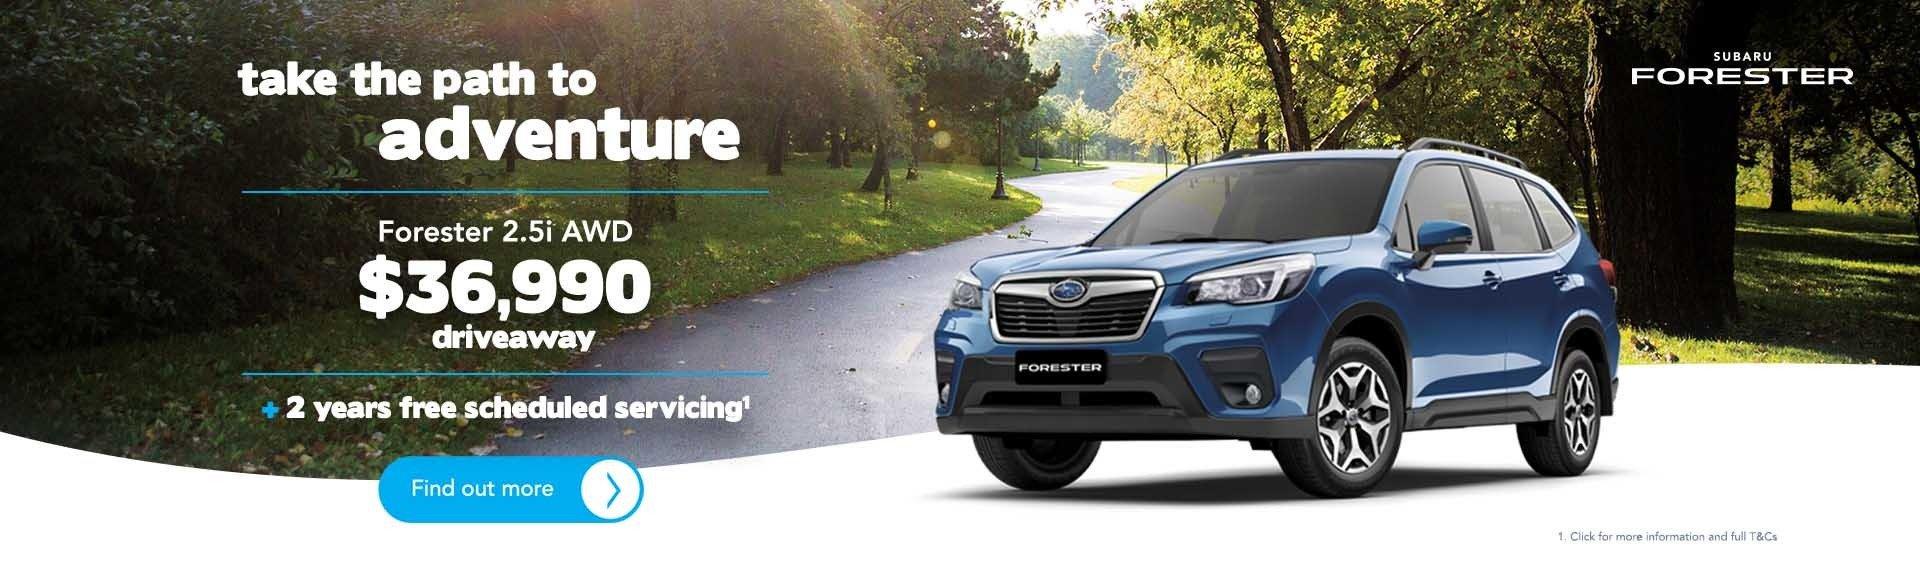 Trivett Subaru Sydney - Forester Offer